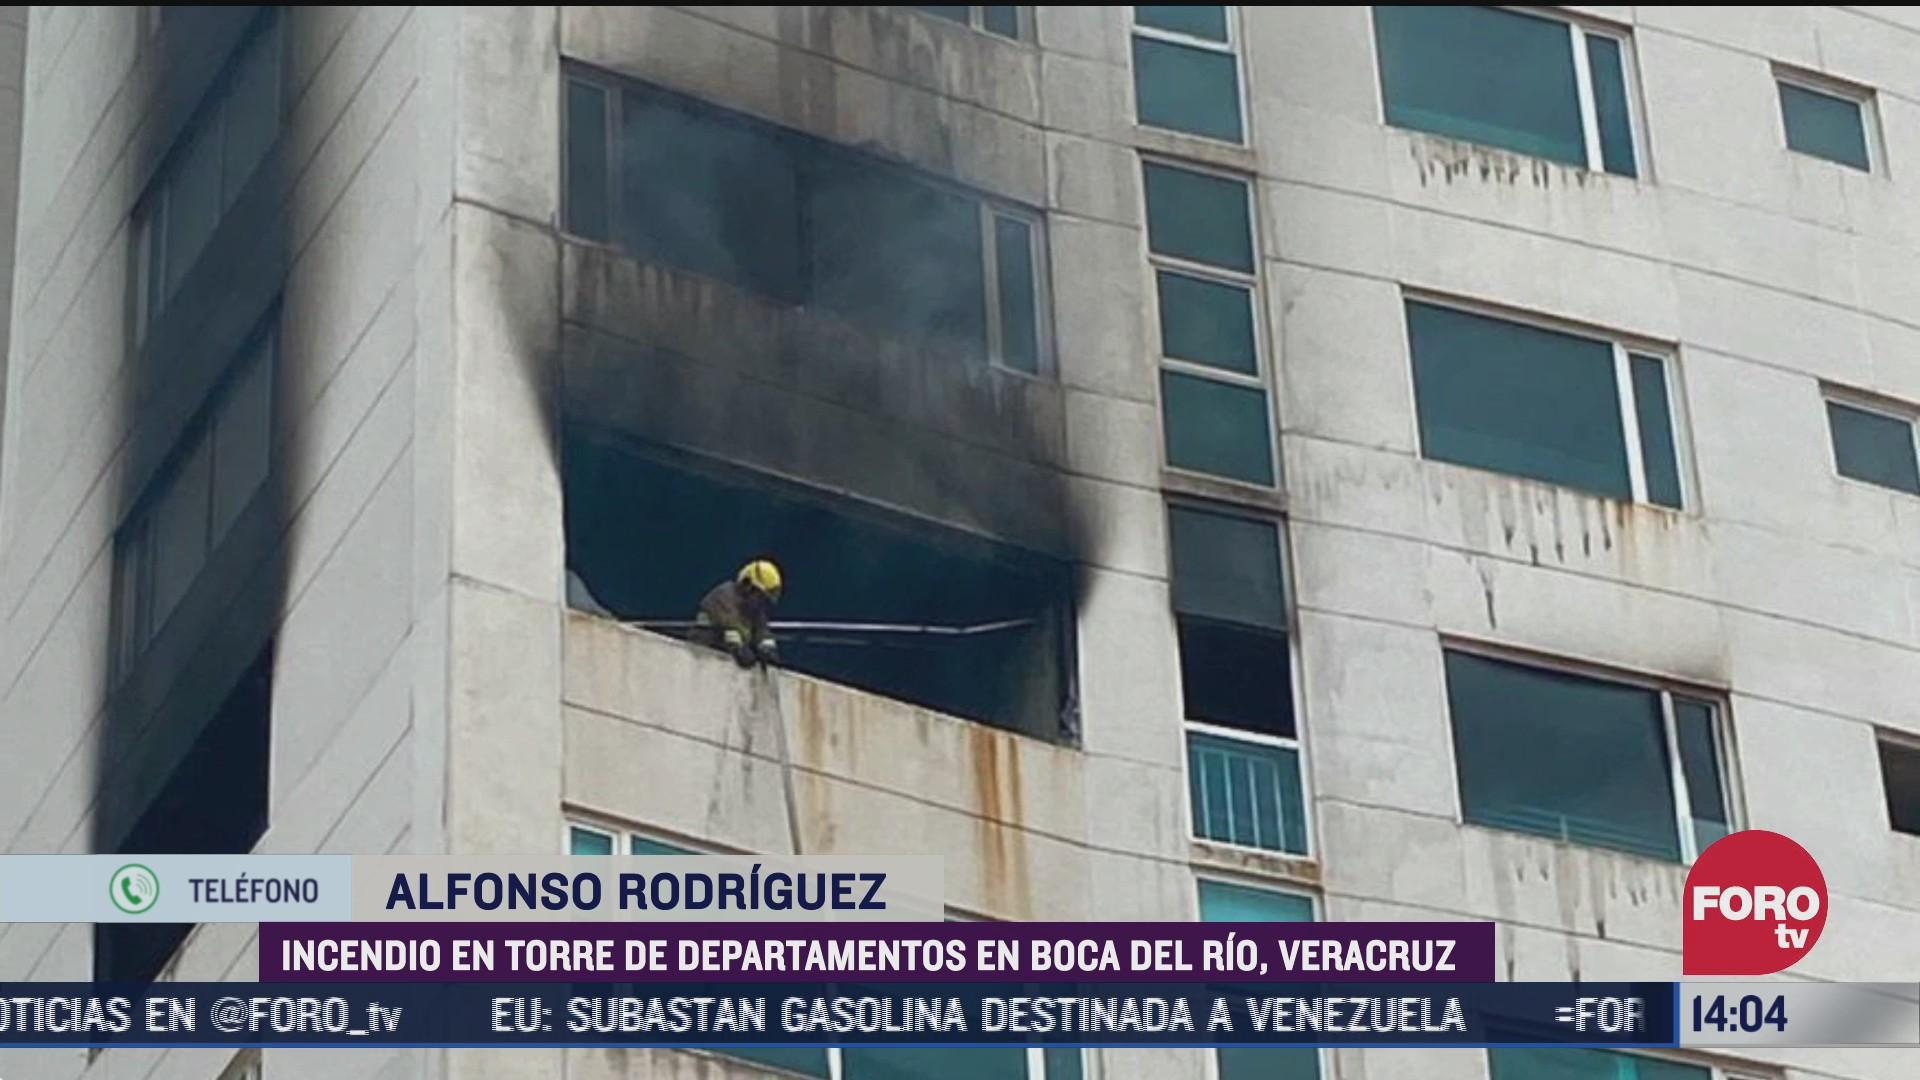 FOTO: 5 de julio 2020, sofocan al 100 por ciento incendio en departamento de boca del rio